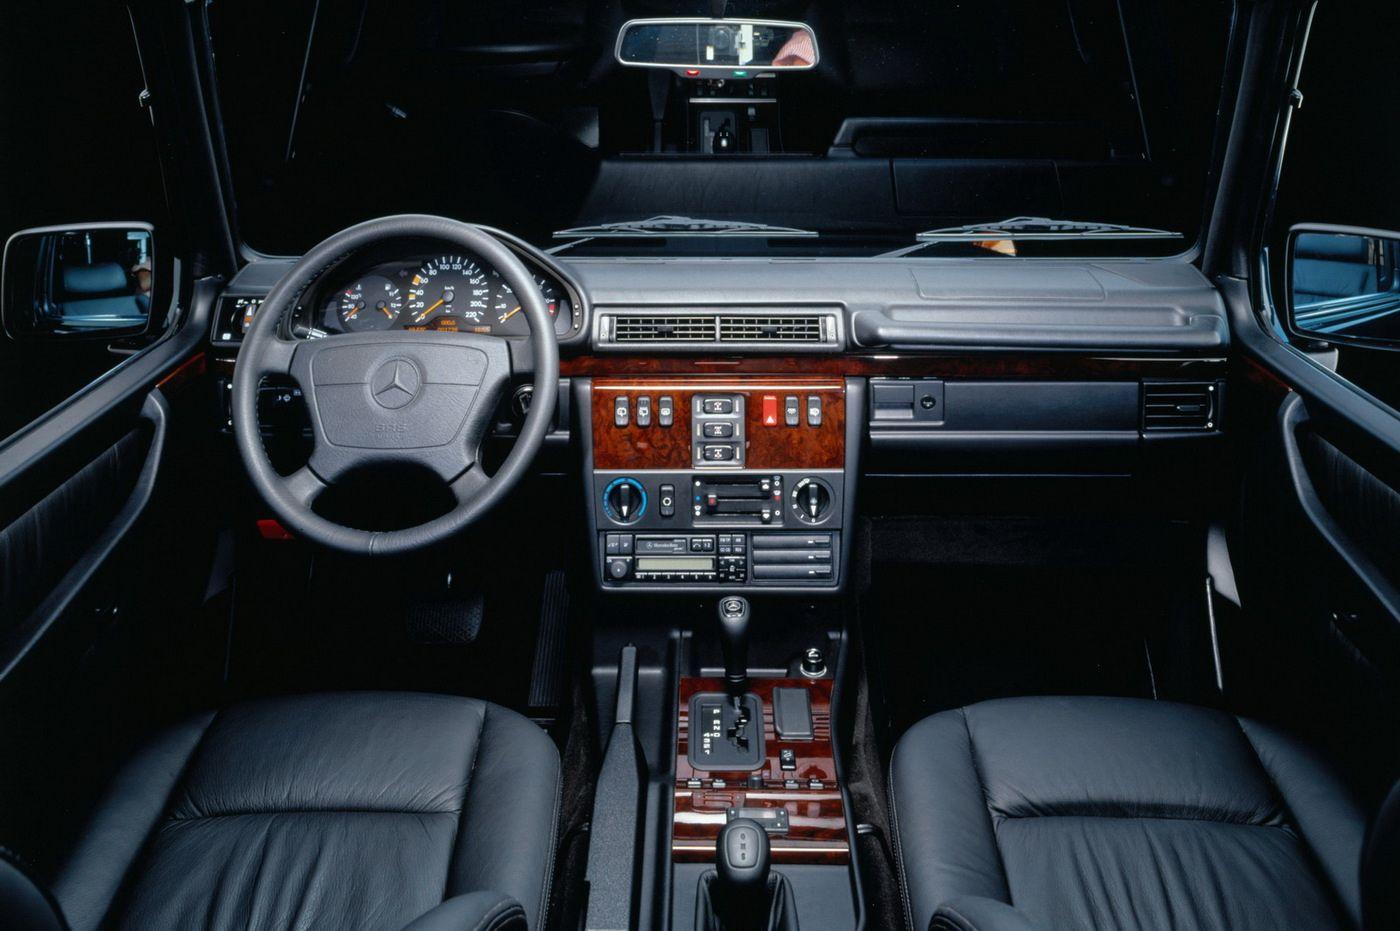 Mercedes benz g class inside